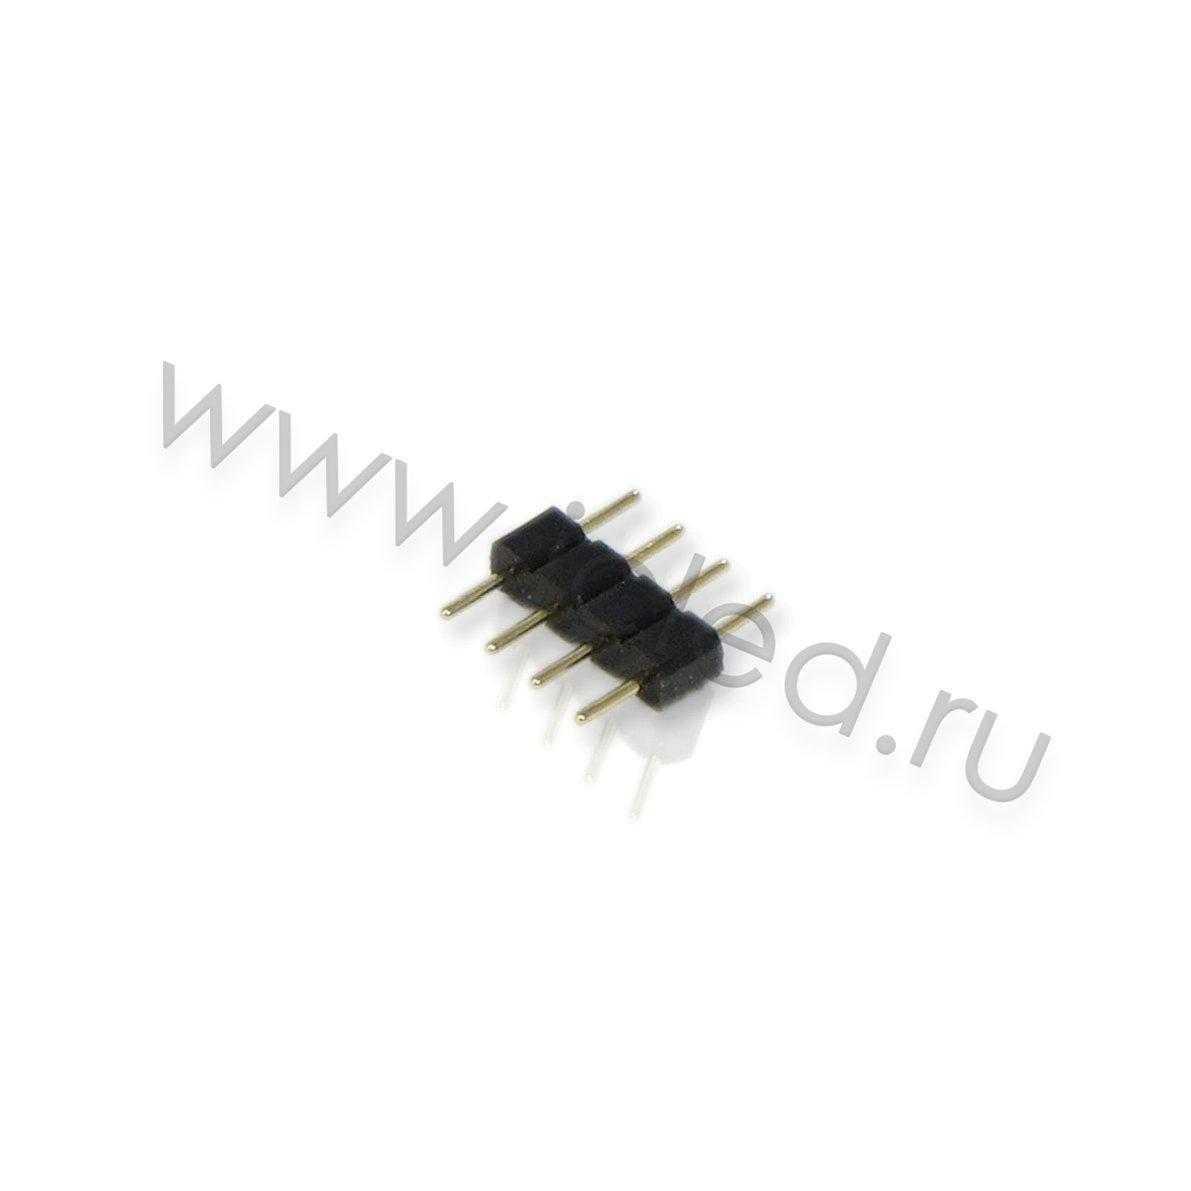 Коннектор переходник для подключения RGB ленты к контроллеру. 4PINx4PIN